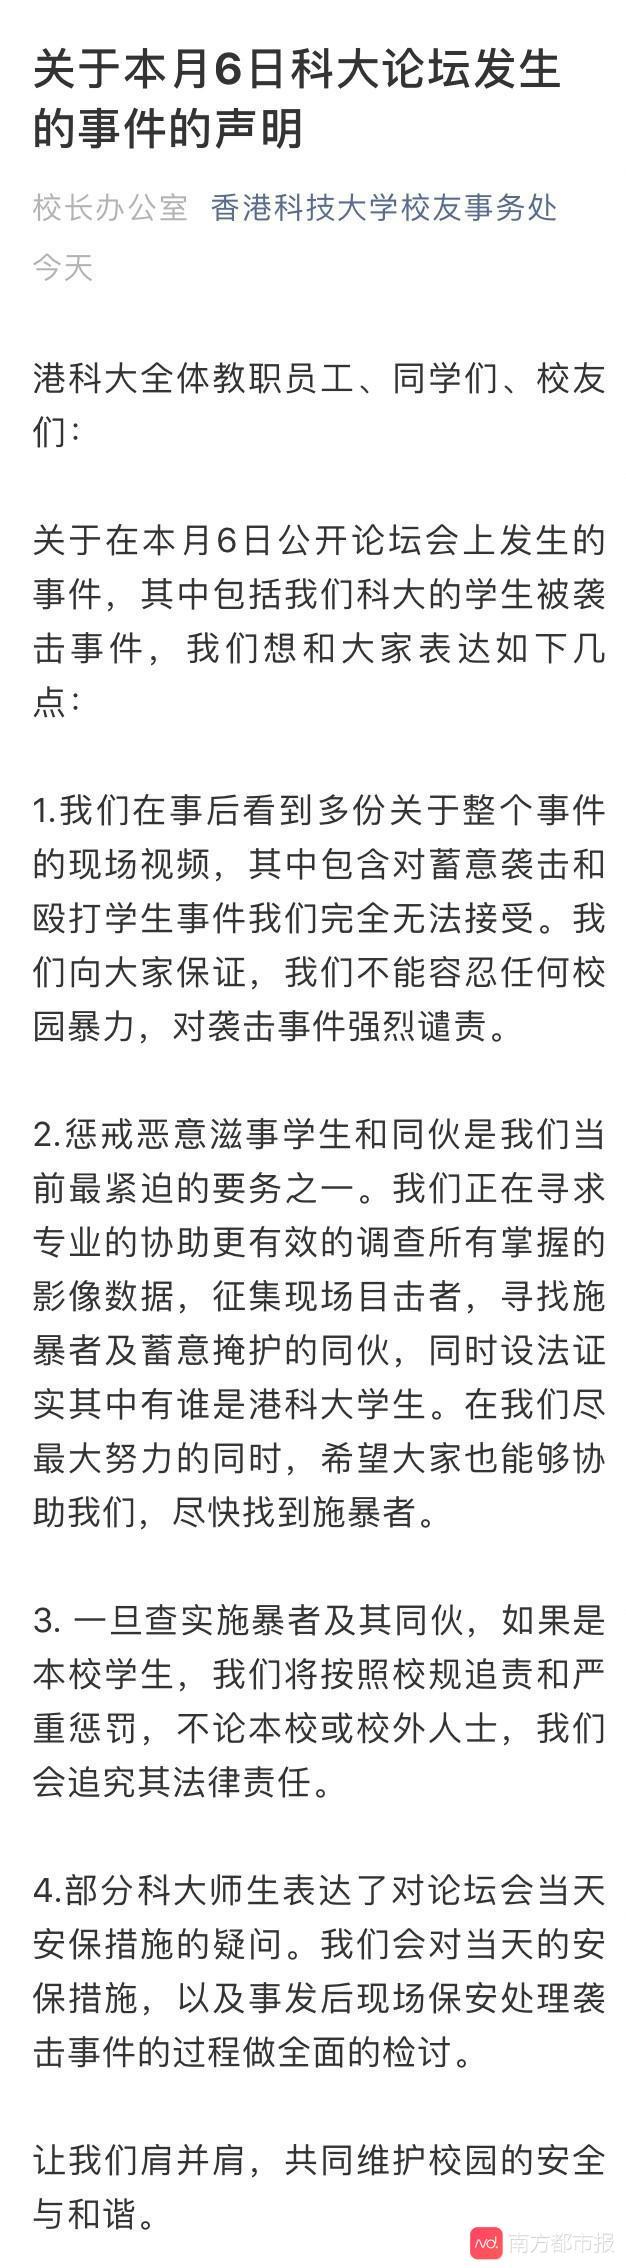 港科大回应内地学生被打事件:将严惩蓄意施暴者及其同伙_南都